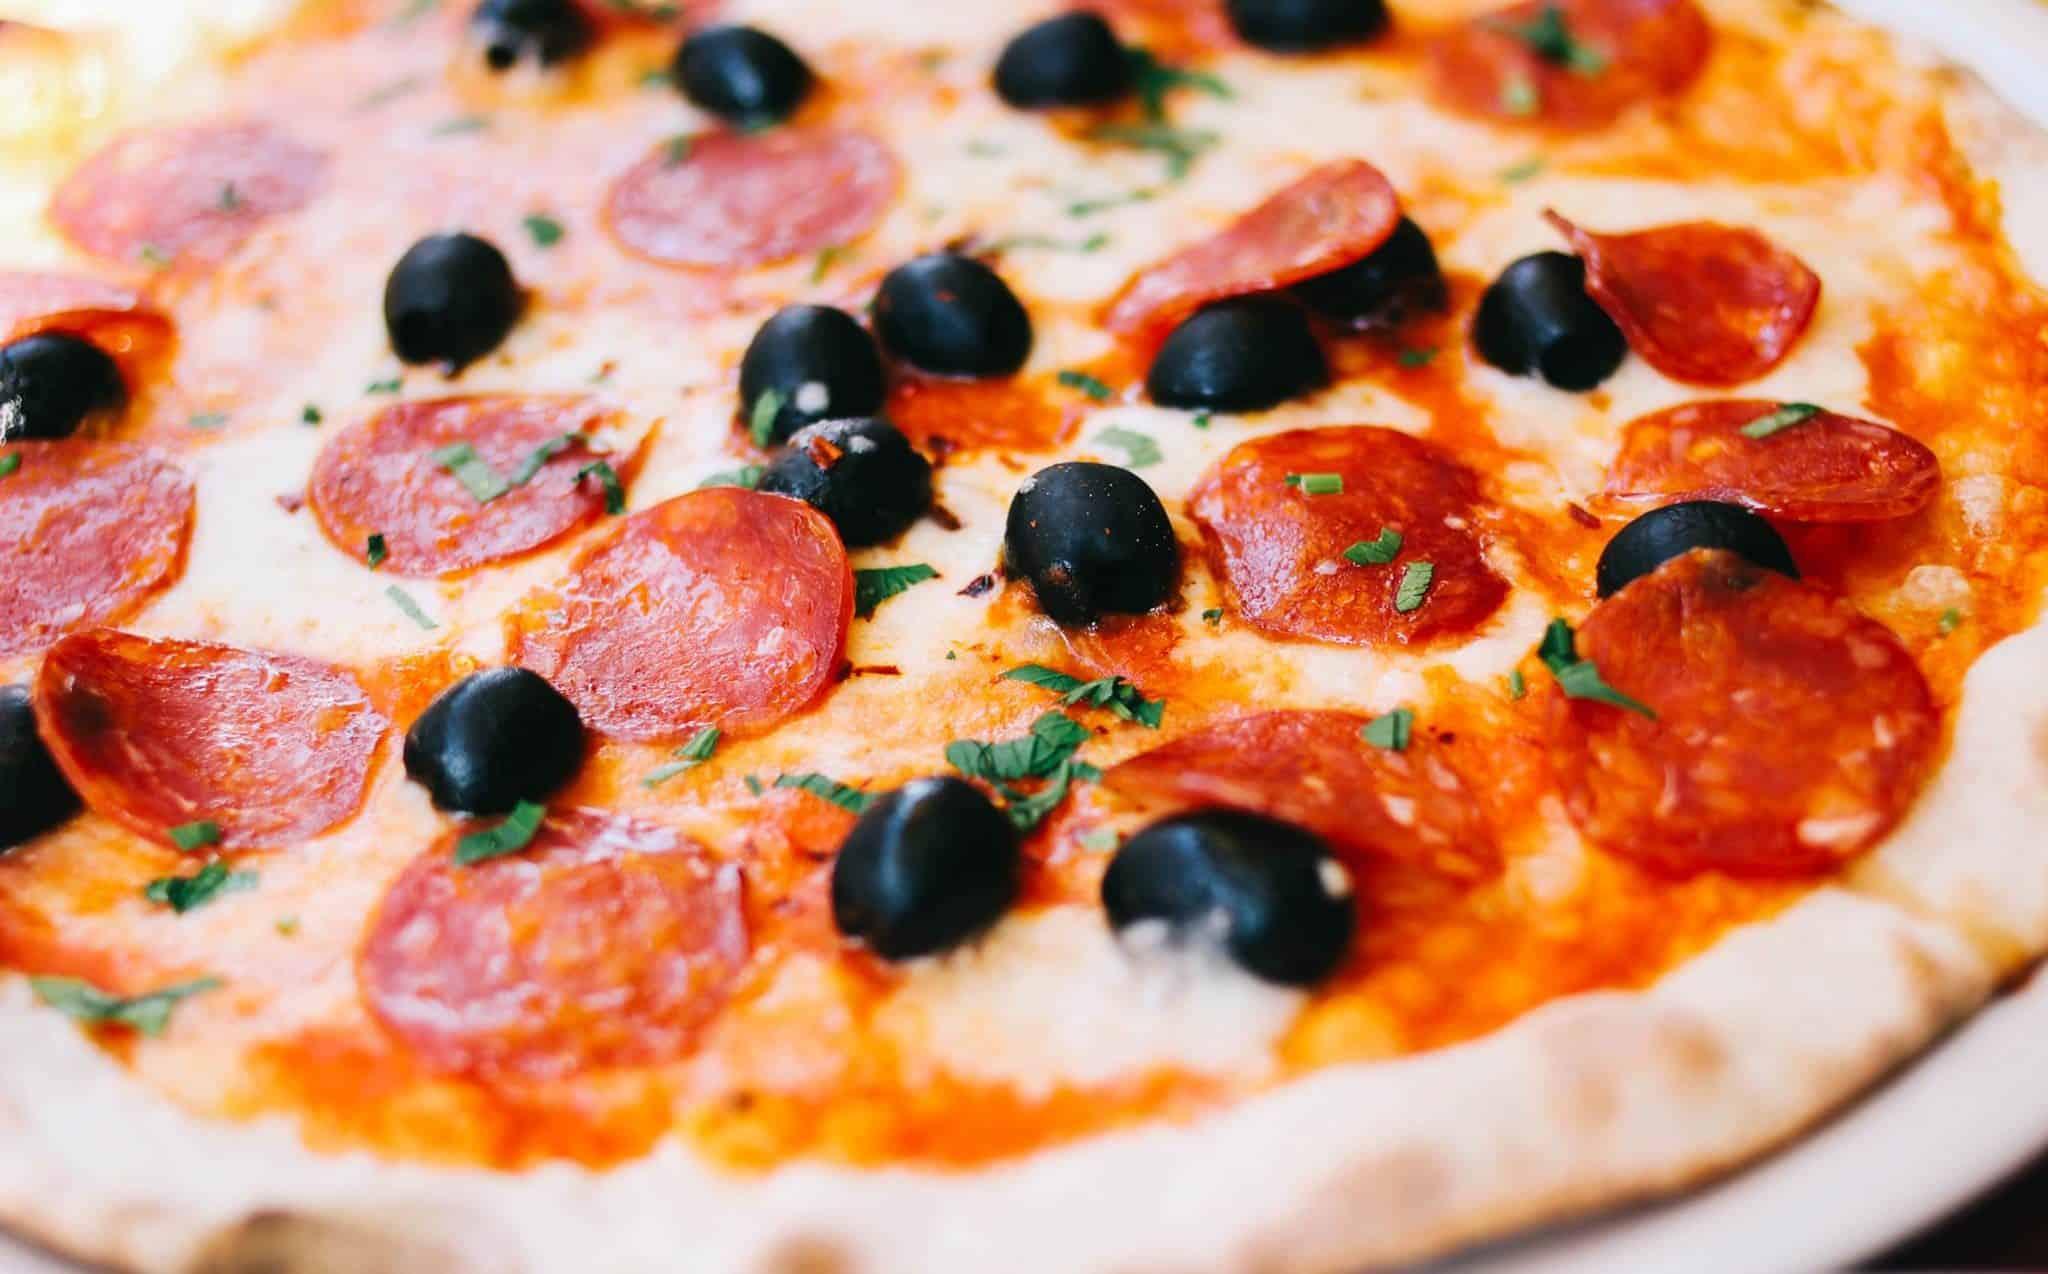 Il Podio Pizzeria Ristorante Ravensburg Pizza 09 Unsplash